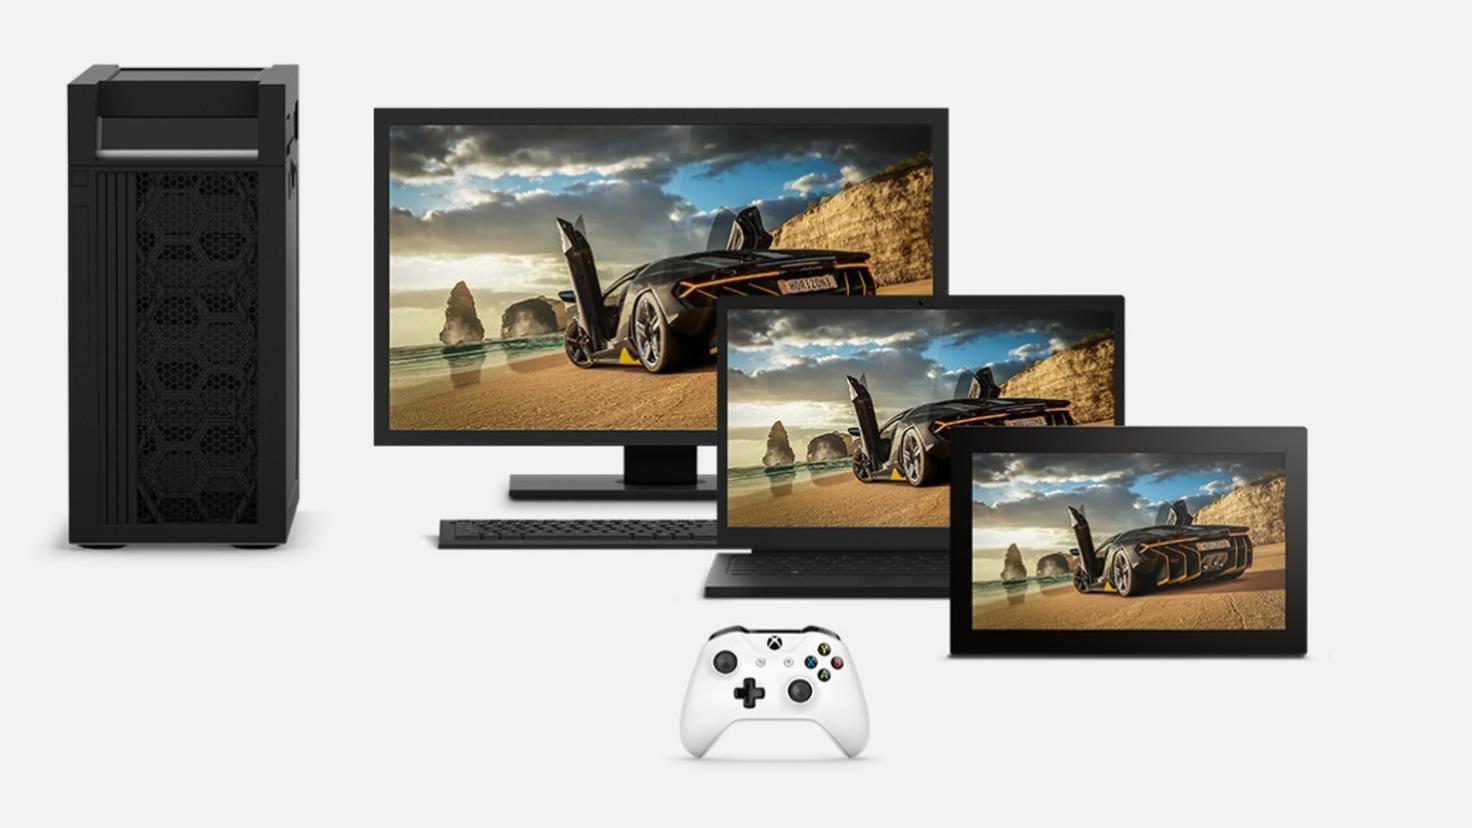 Games im Xbox-Play-Anywhere-Programm musst Du nur einmal kaufen und kannst sie dann auf Xbox One und Windows 10 spielen.